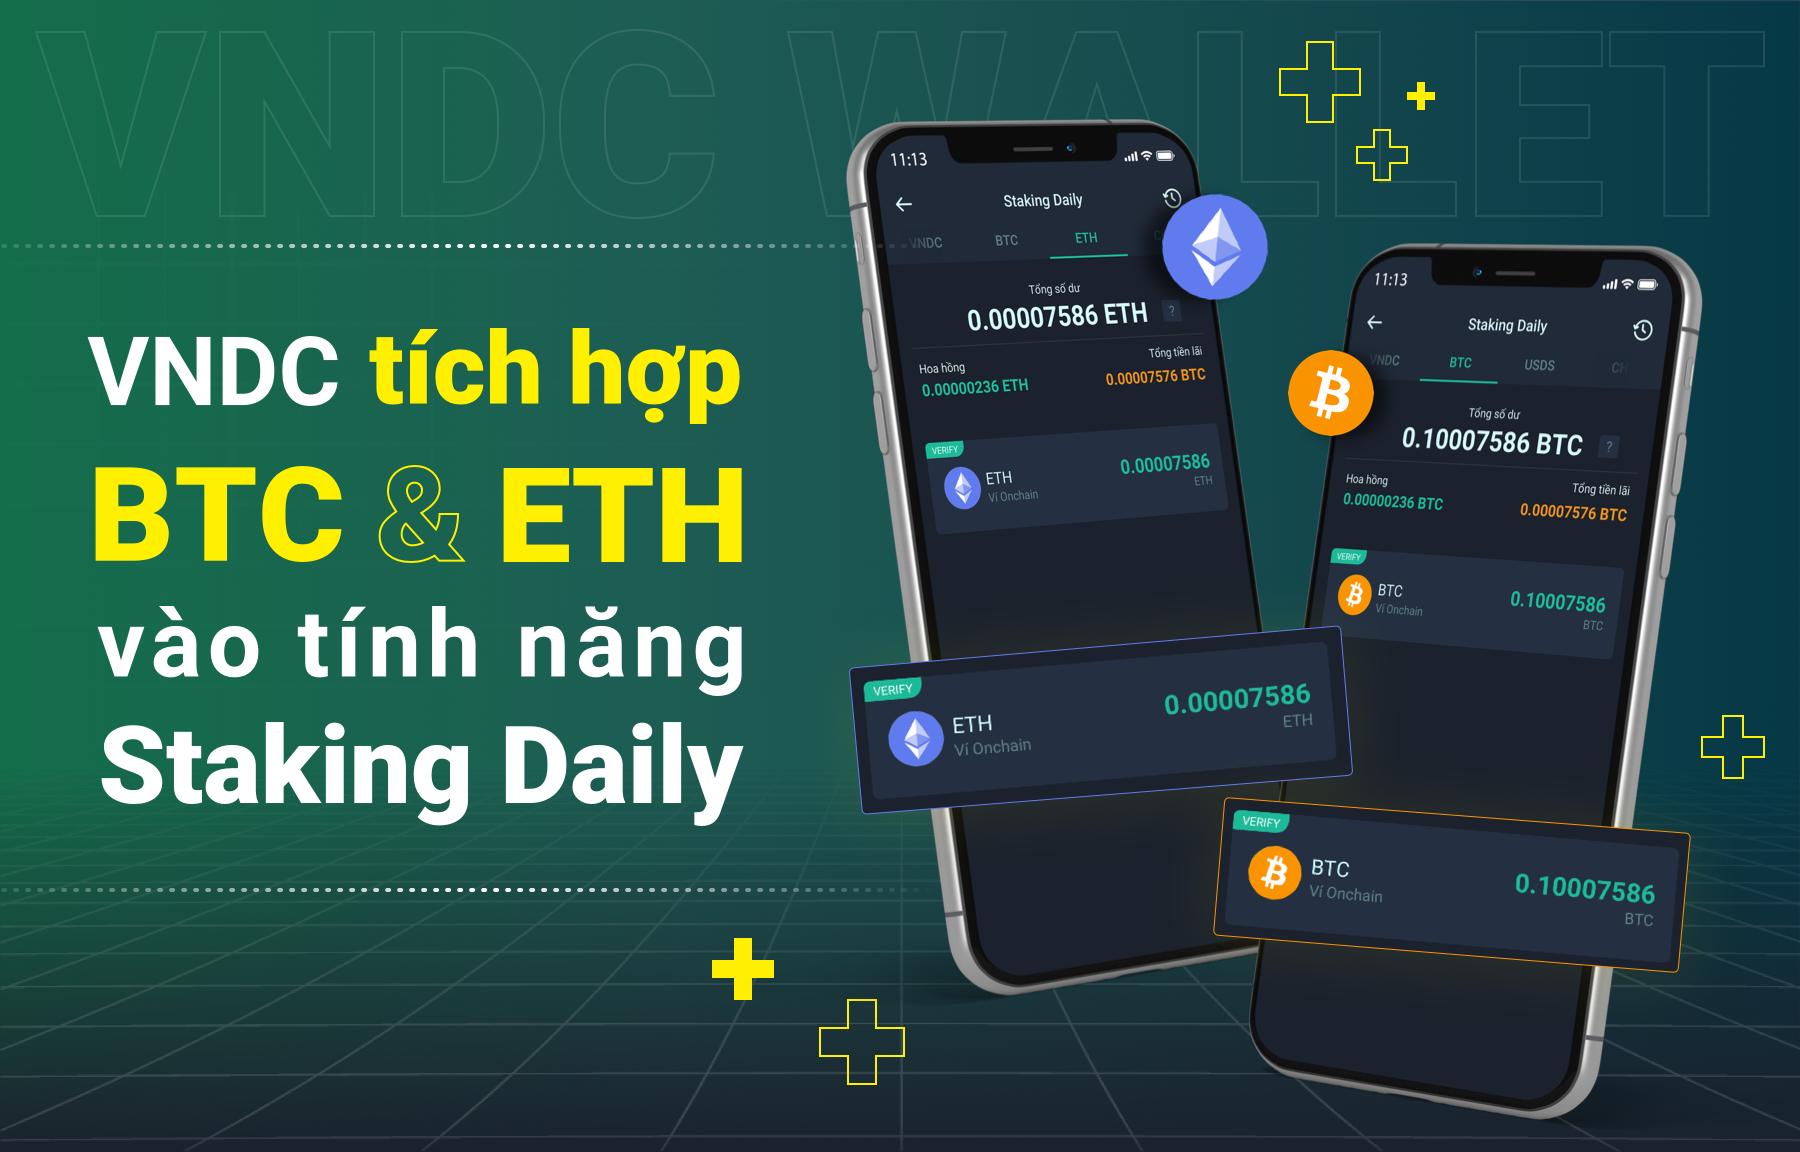 VNDC tích hợp BTC và ETH vào tính năng Staking Daily